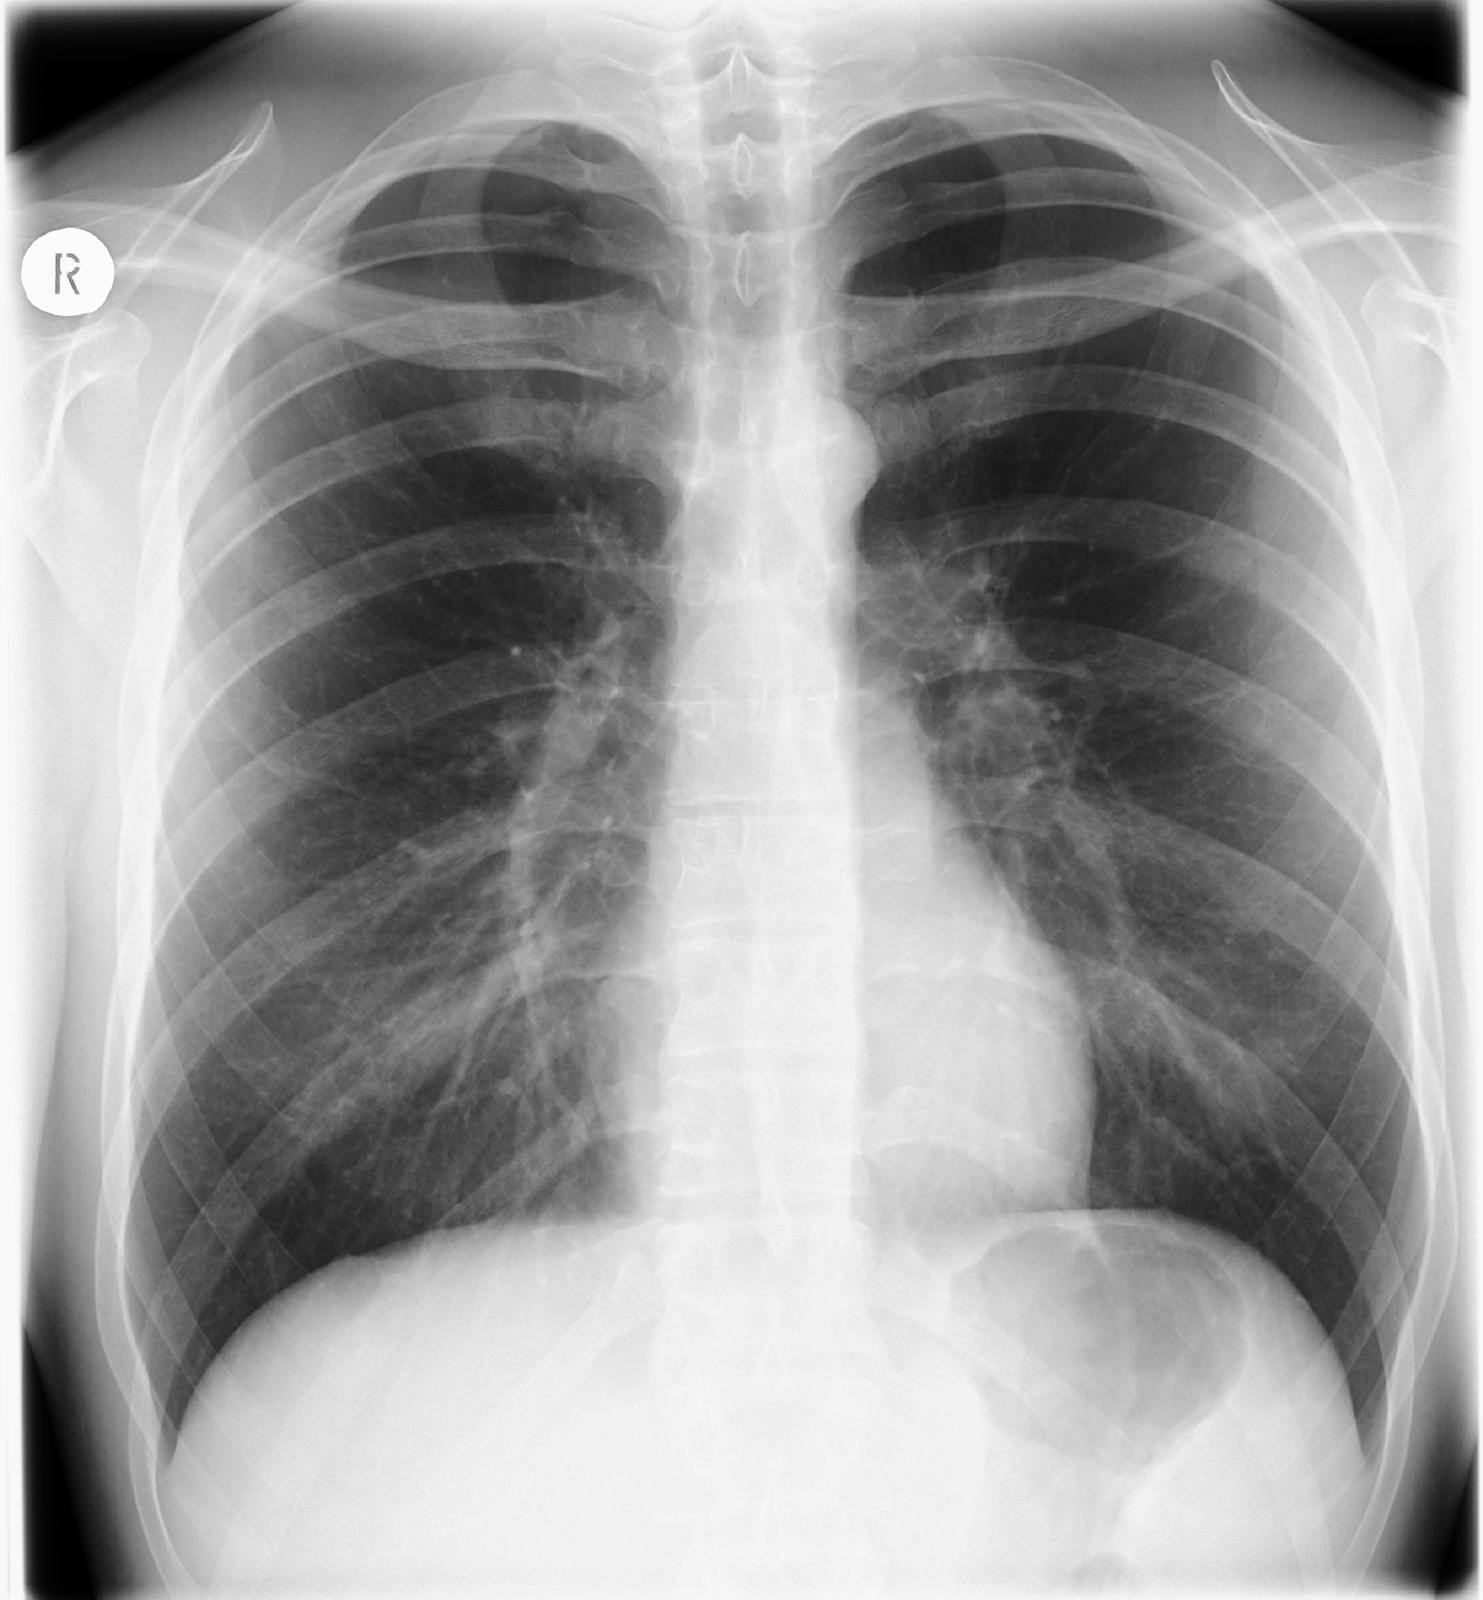 Fotografia przedstawia obraz prześwietlenia płuc, czyli rentgenogram. Na szarym zdjęciu jaśniejsze poziome paski to kości obojczyków iżeber. Wśrodku trójkątny zarys serca, pod nim grube białe narządy pokarmowe. Lekko zarysowane drzewkowate oskrzela.